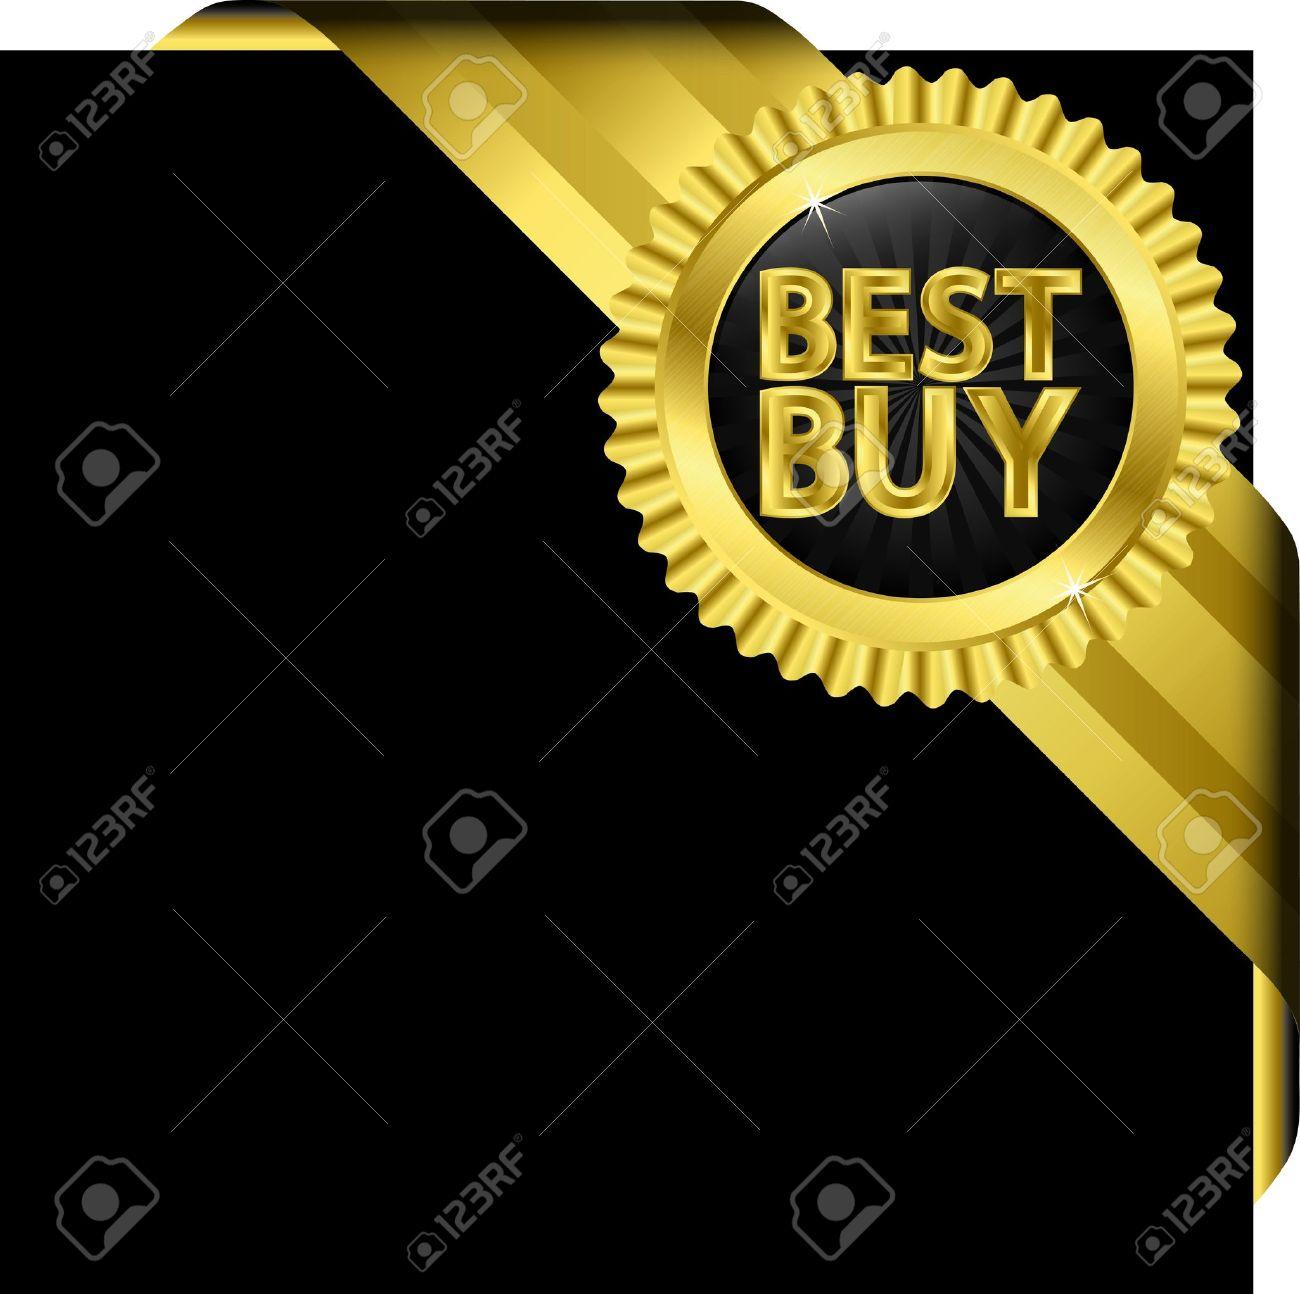 Best buy golden label with golden ribbons Stock Vector - 14713813